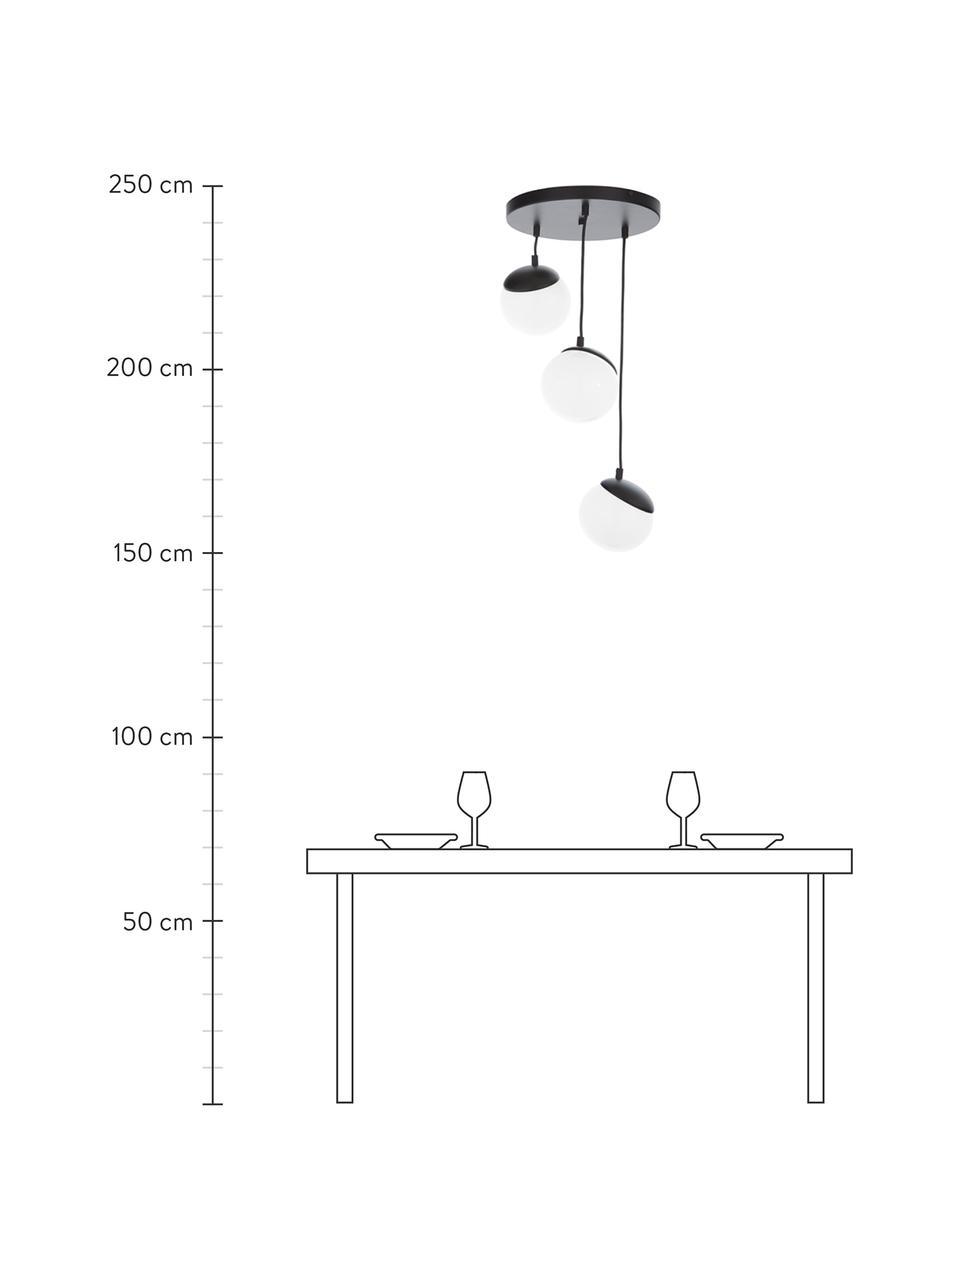 Lampa wisząca ze szkła opalowego Sfera, Czarny, biały, opalowy, Ø 35 cm